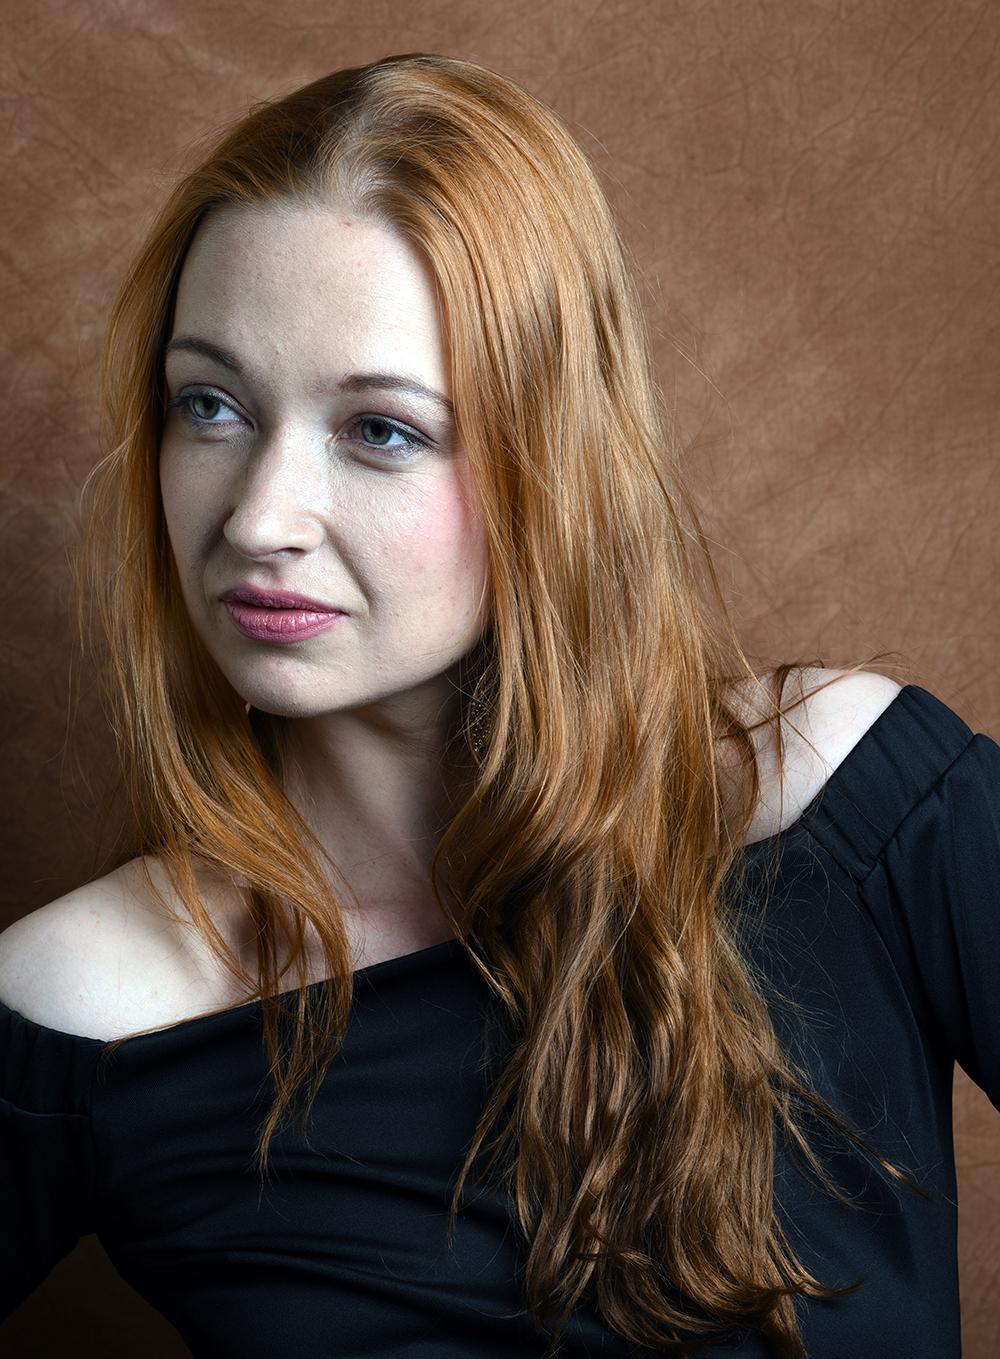 Model Melisse Lis